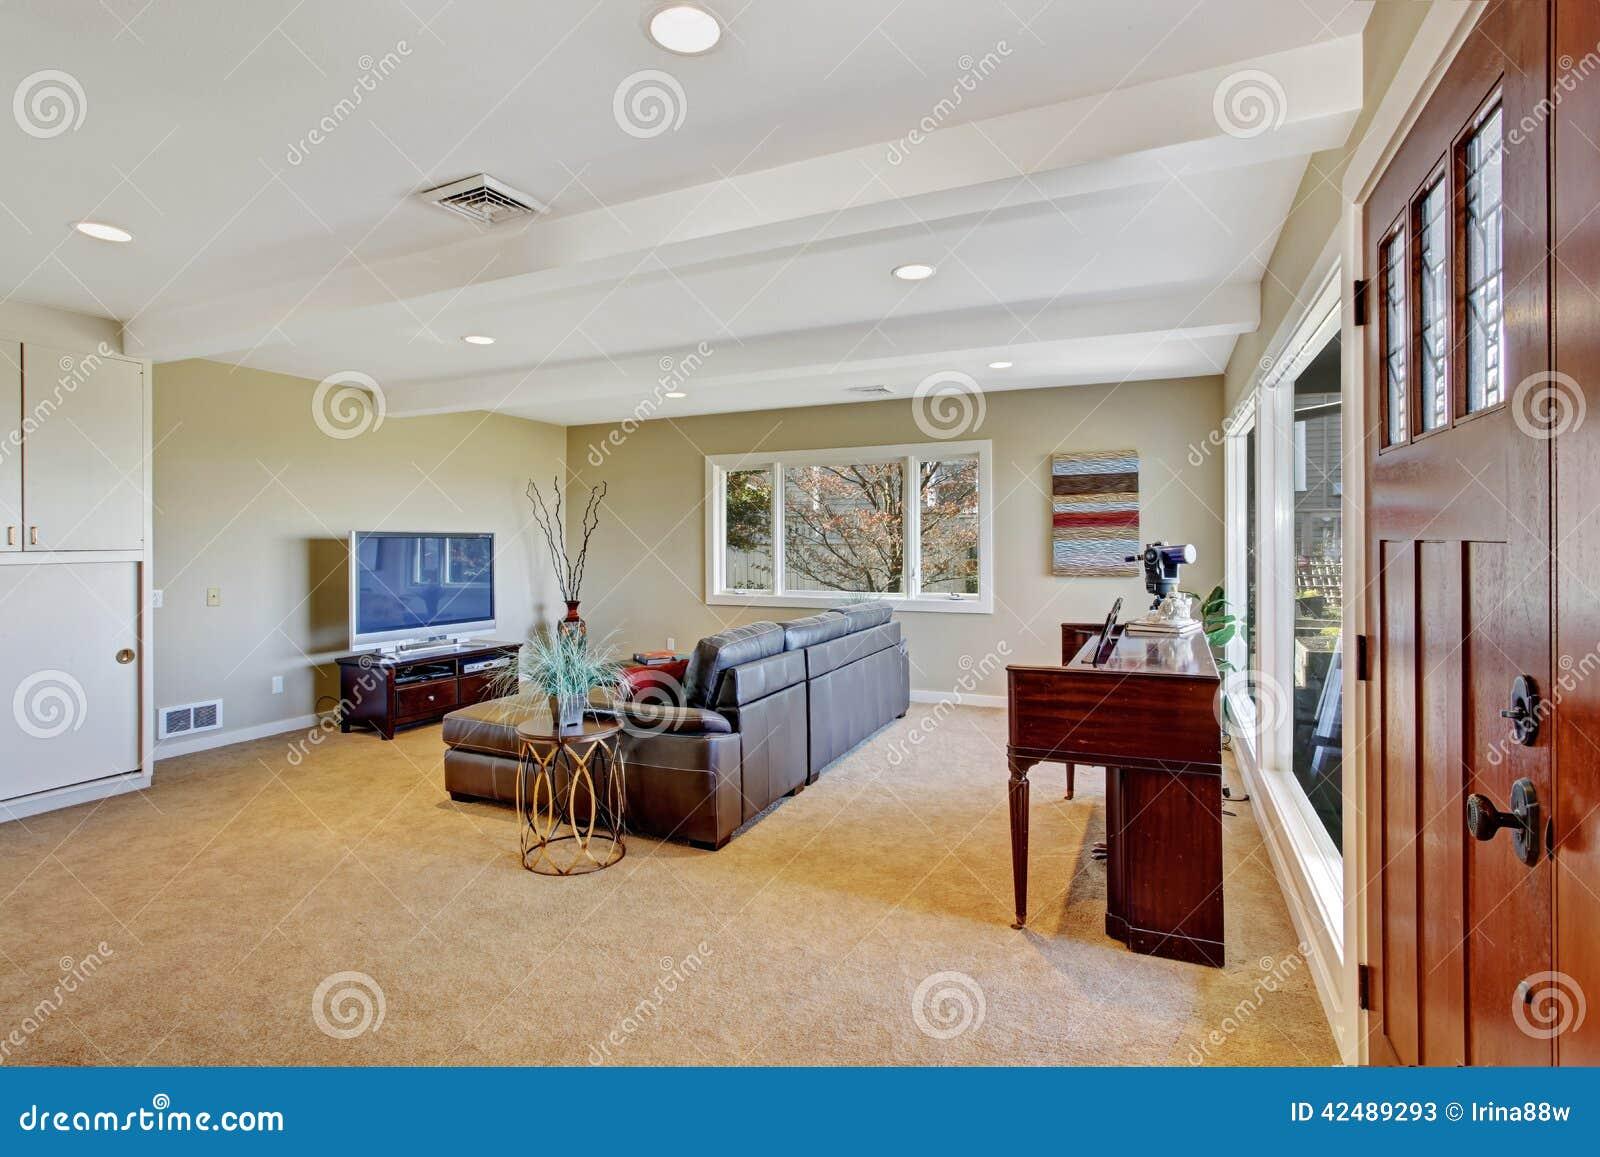 Exceptionnel Wohnzimmer Mit Großer Ledercouch, Fernsehen Und Klavier